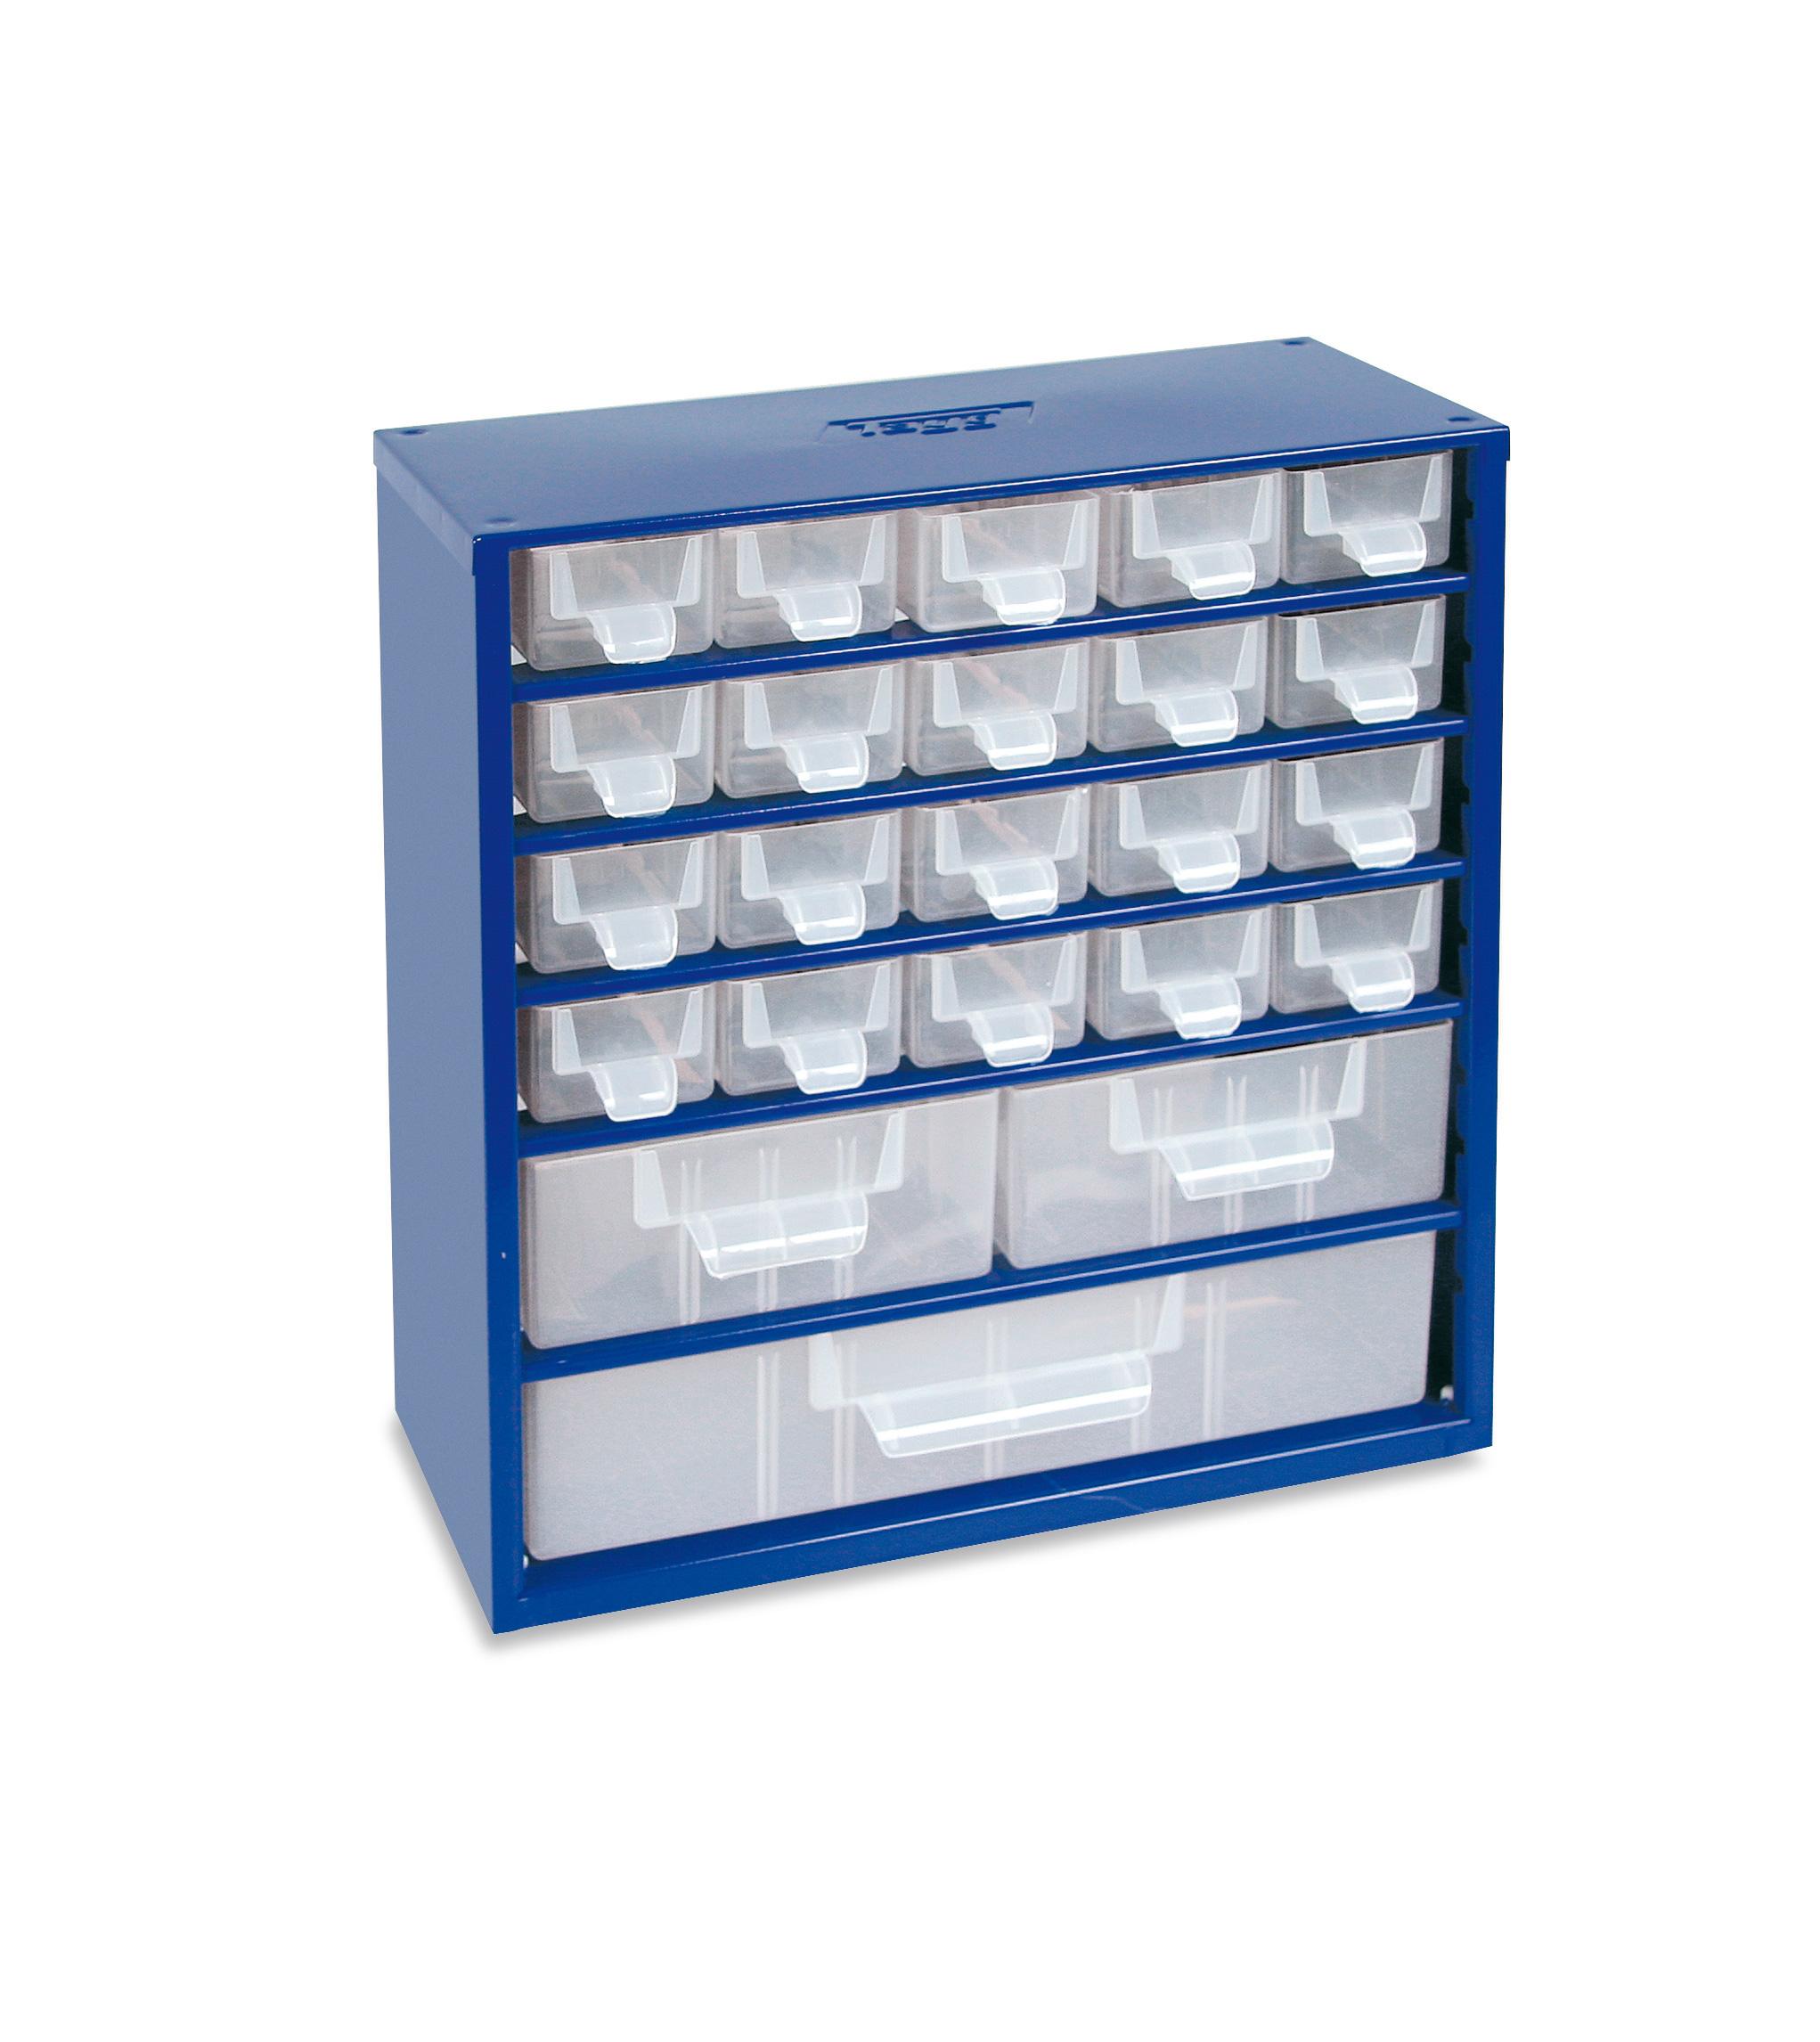 2 contenedores metalicos - Módulos metálicos mod. 31